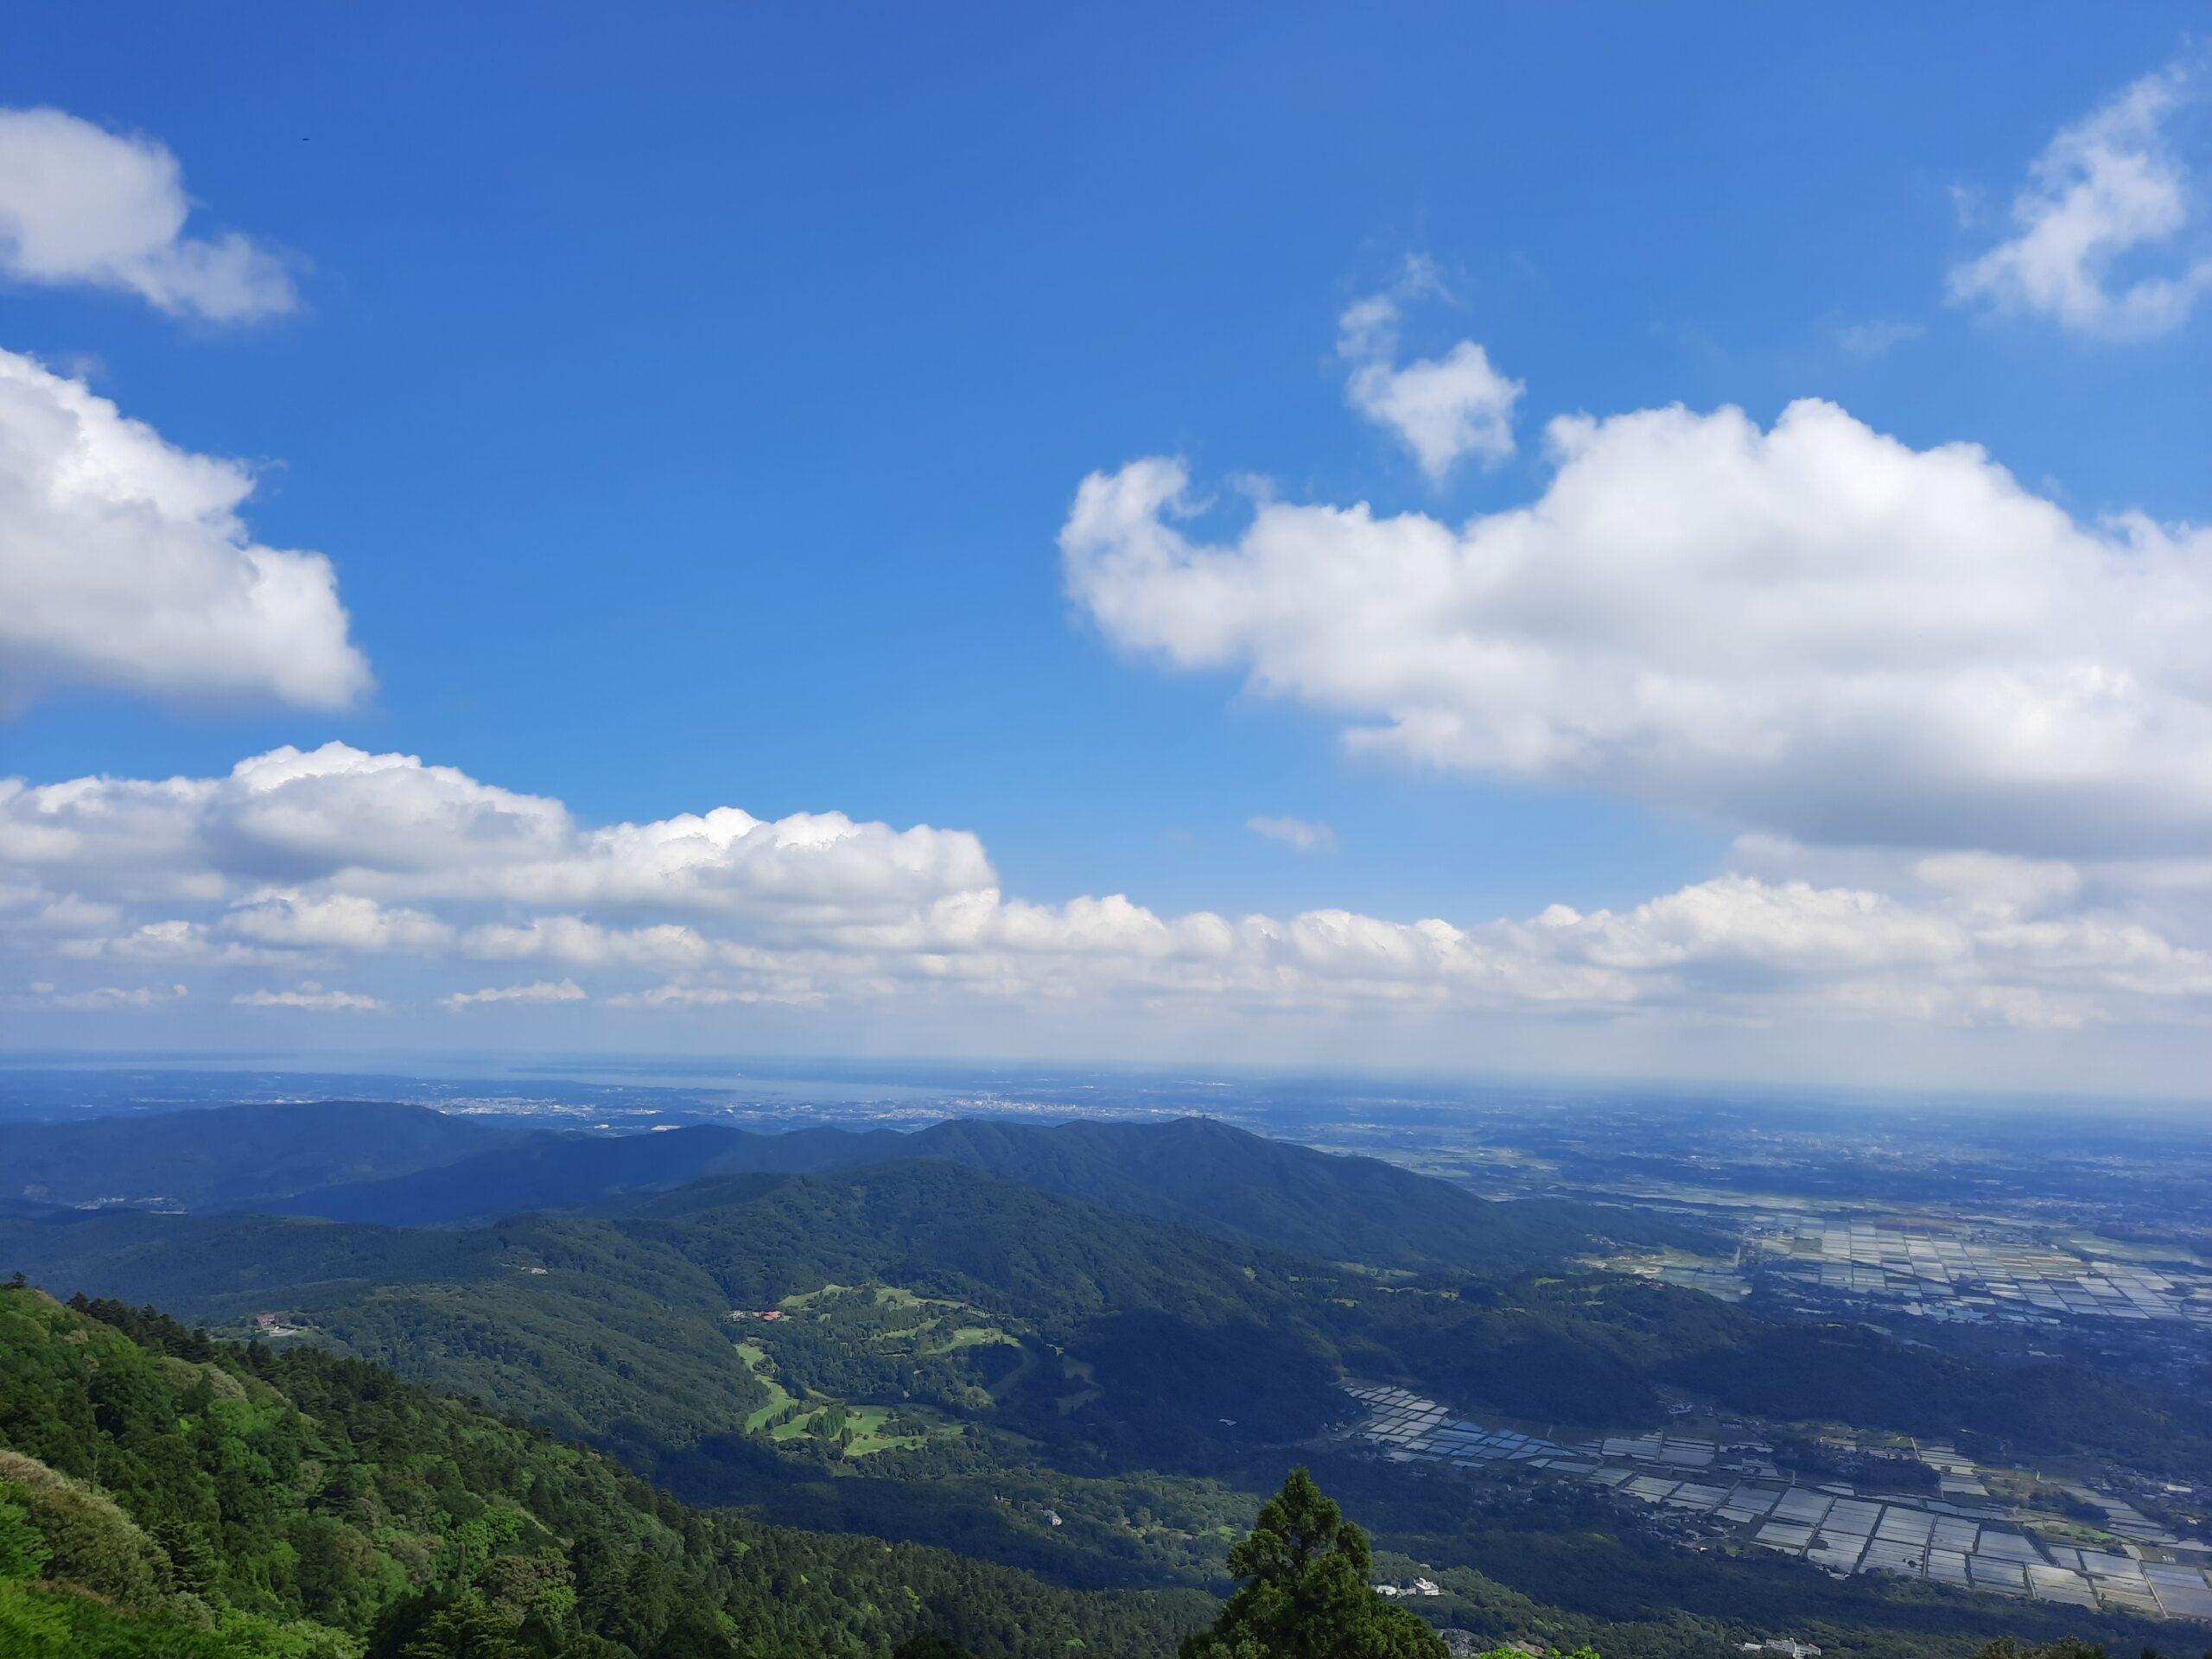 Aussicht vom Berg Tsukuba auf die Kanto Ebene